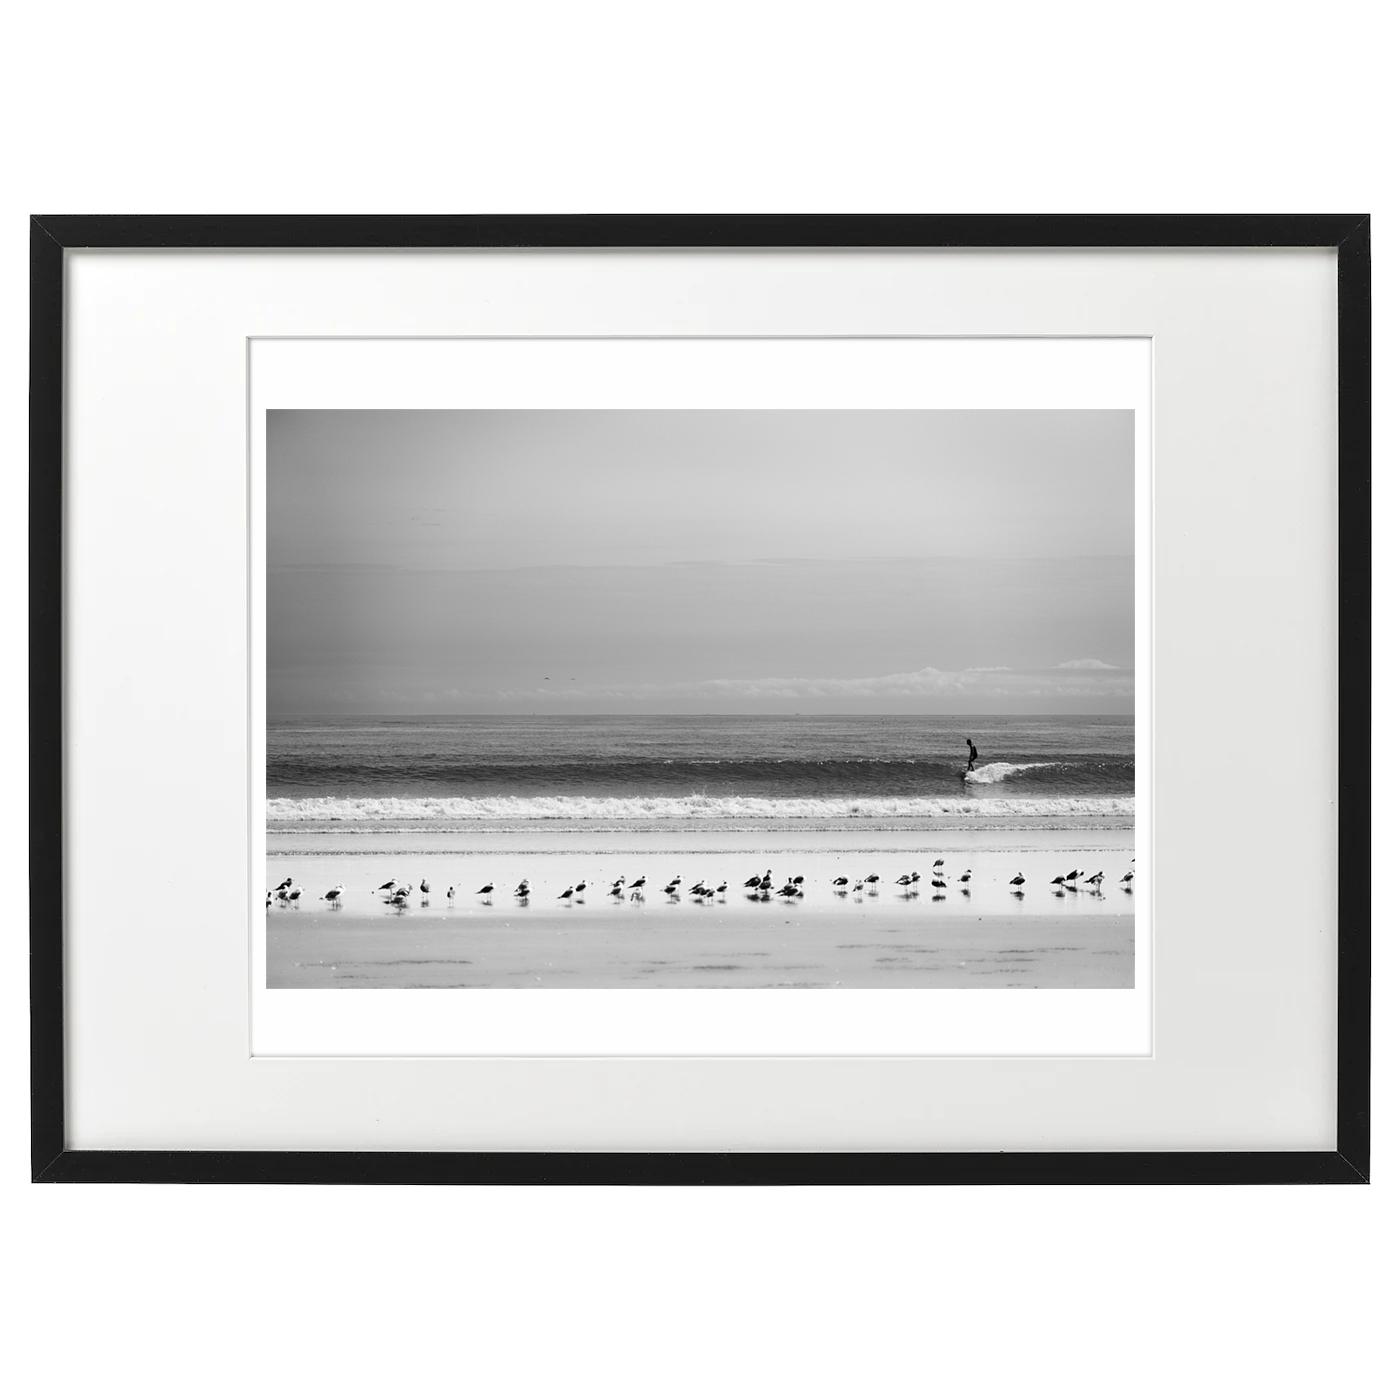 額装イメージ海景 20-017 Beach Break 2